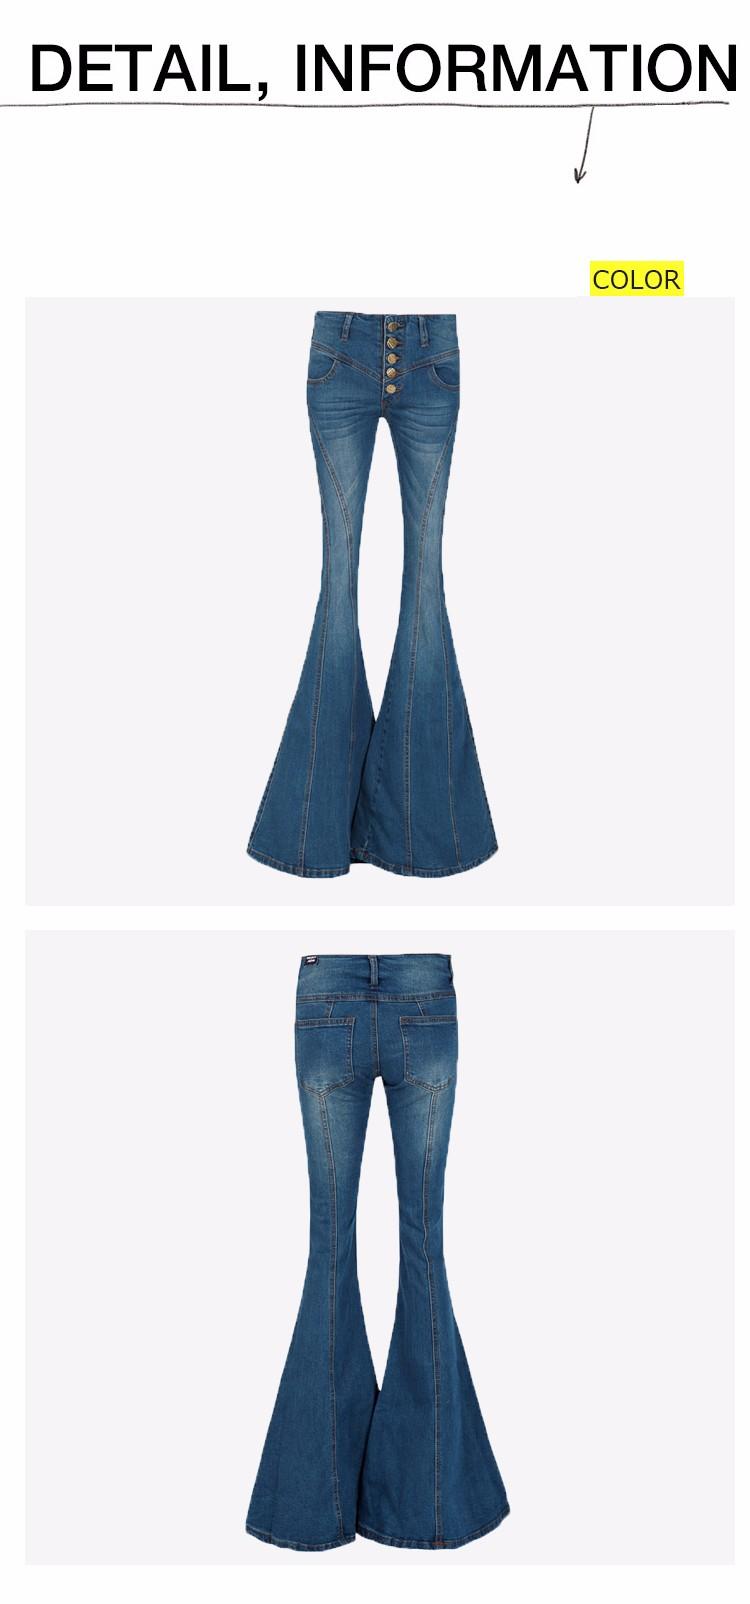 Скидки на 2016 большой колокол днища нести ягодицы женщины развивать нравственность брюки брюки стрейч джинсы